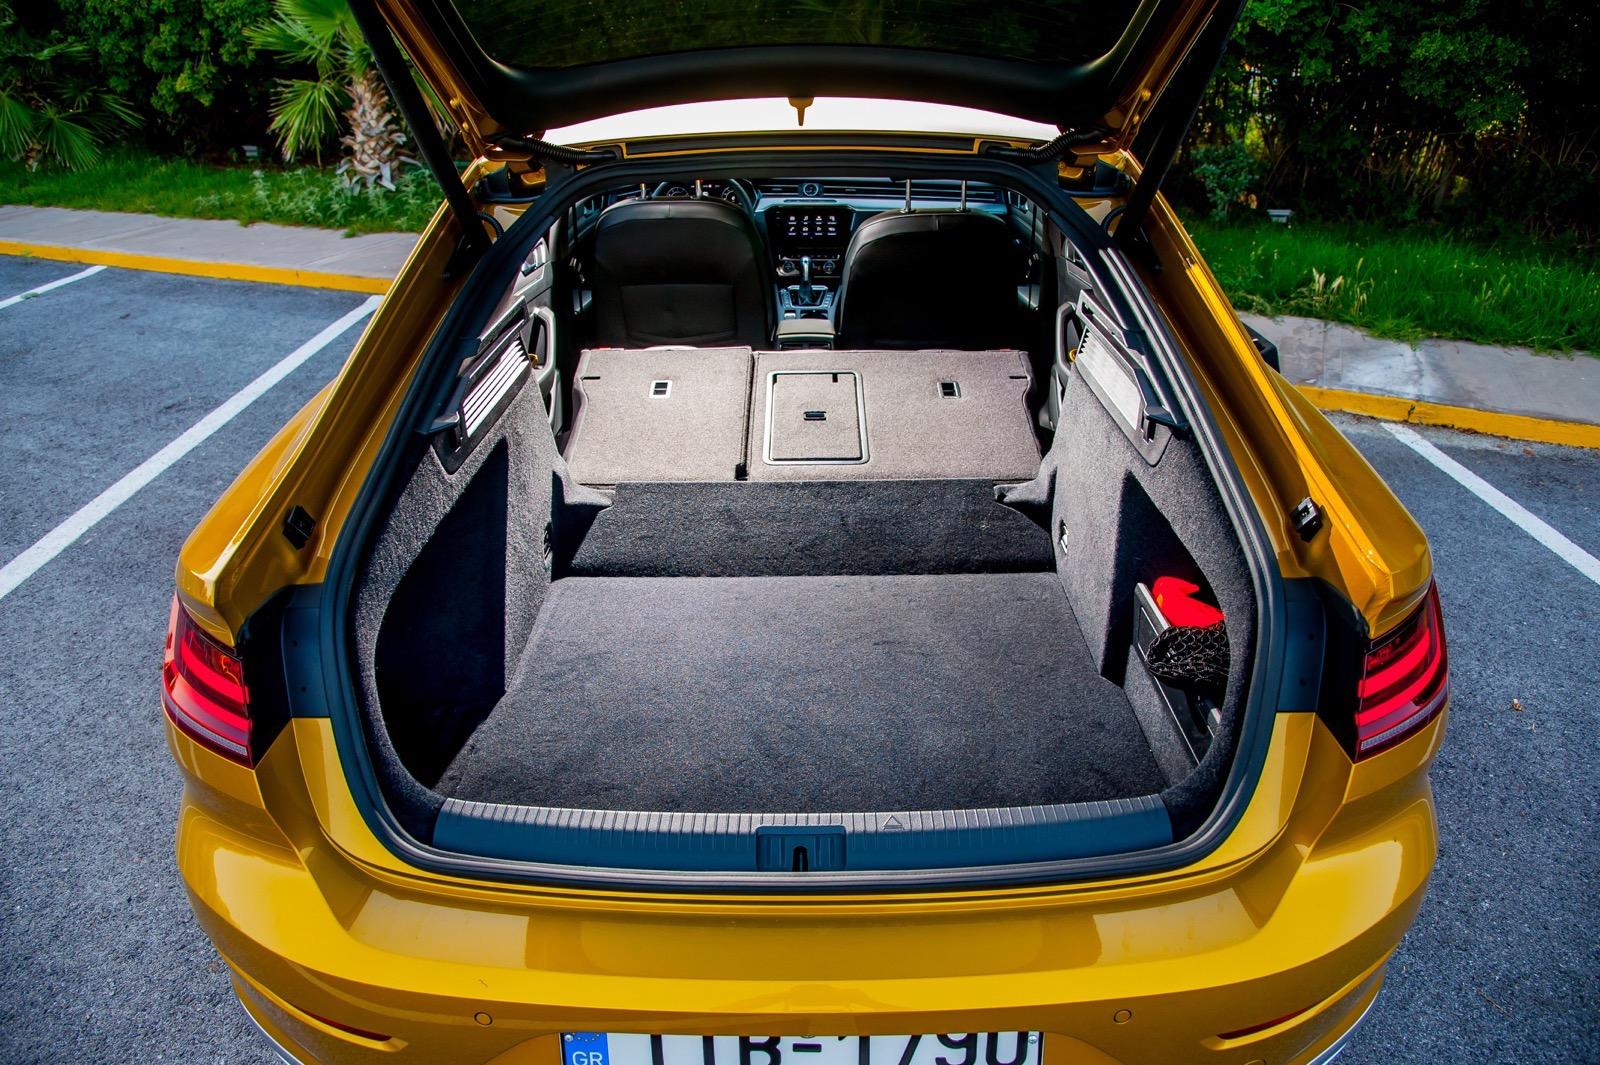 Volkswagen_Arteon_Greek_Presentataion_44